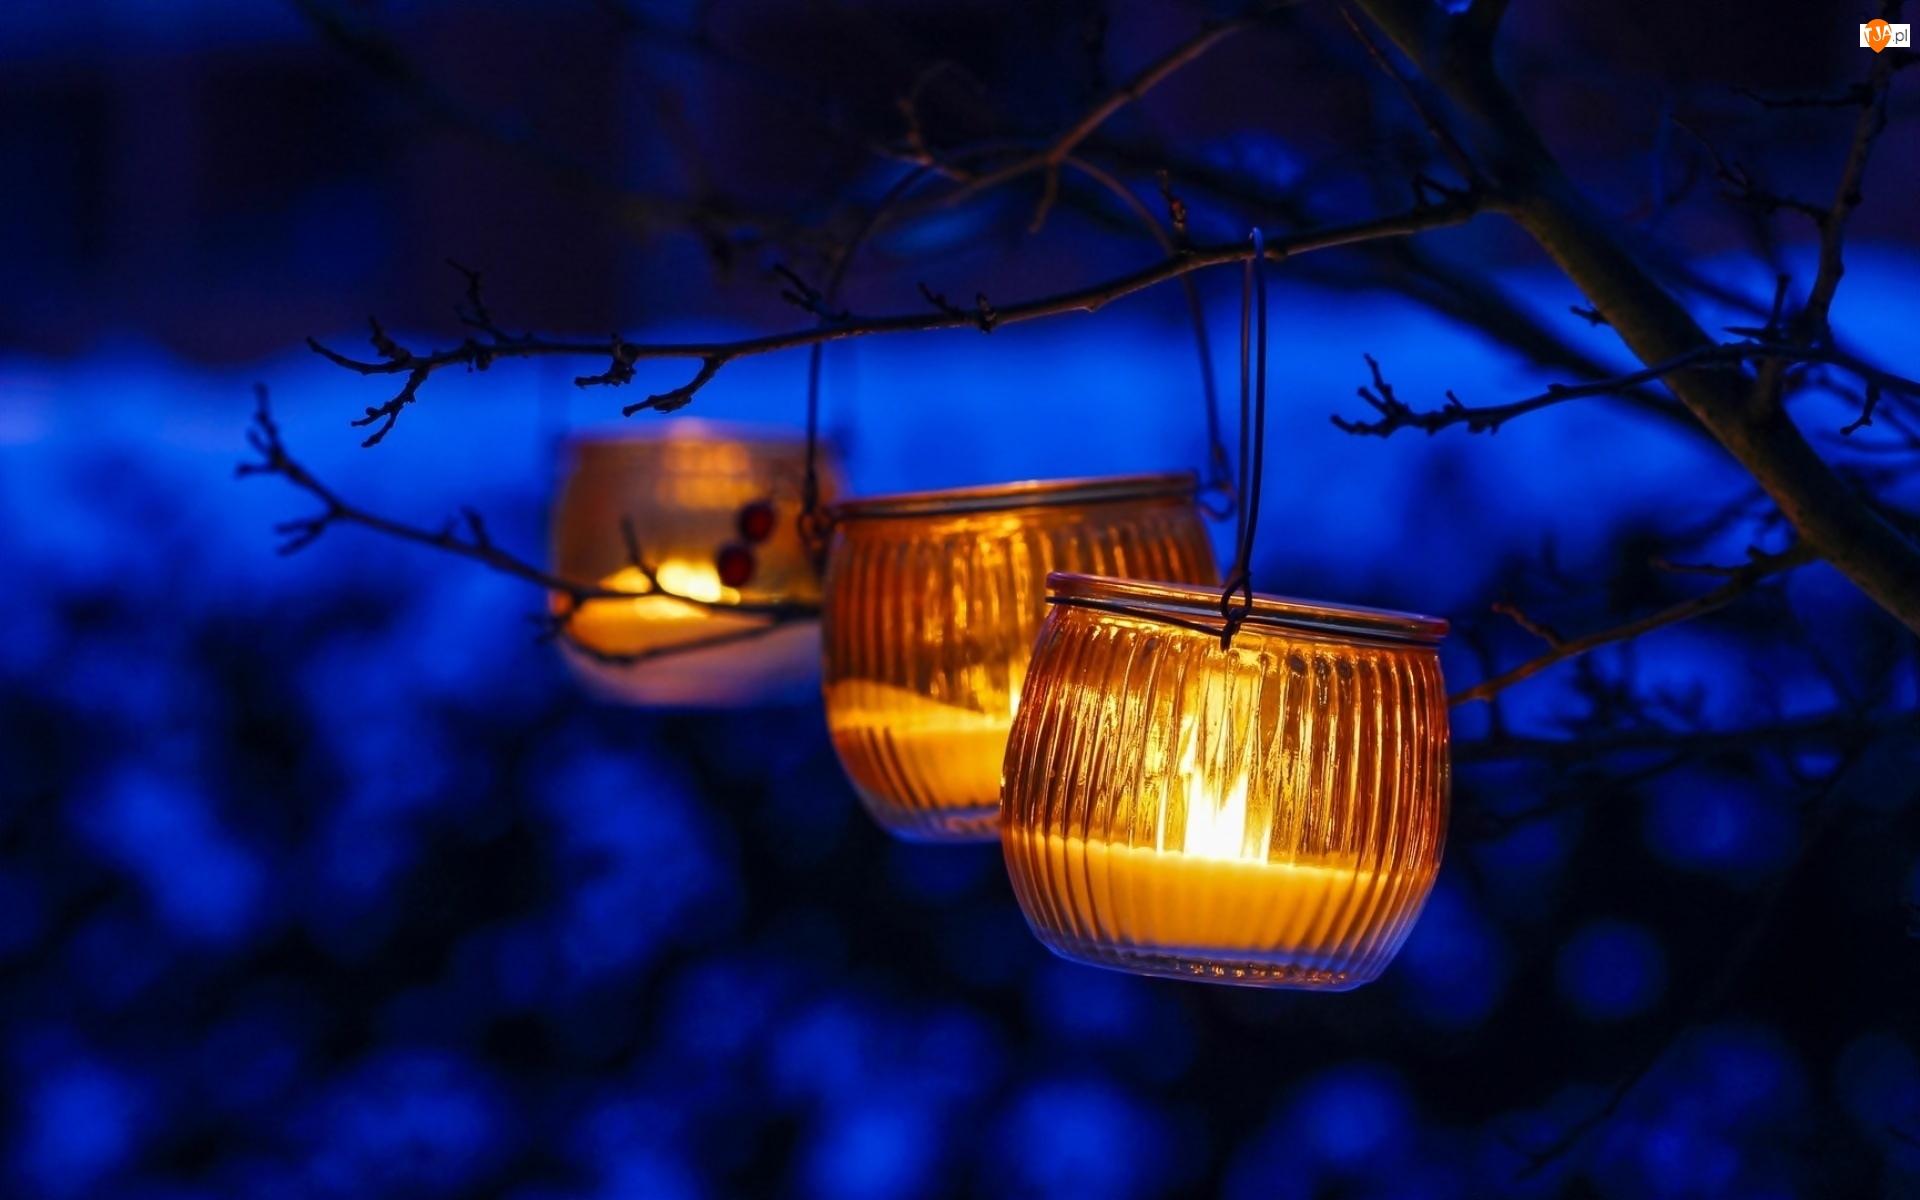 Noc, Trzy, Lampiony, Gałązki